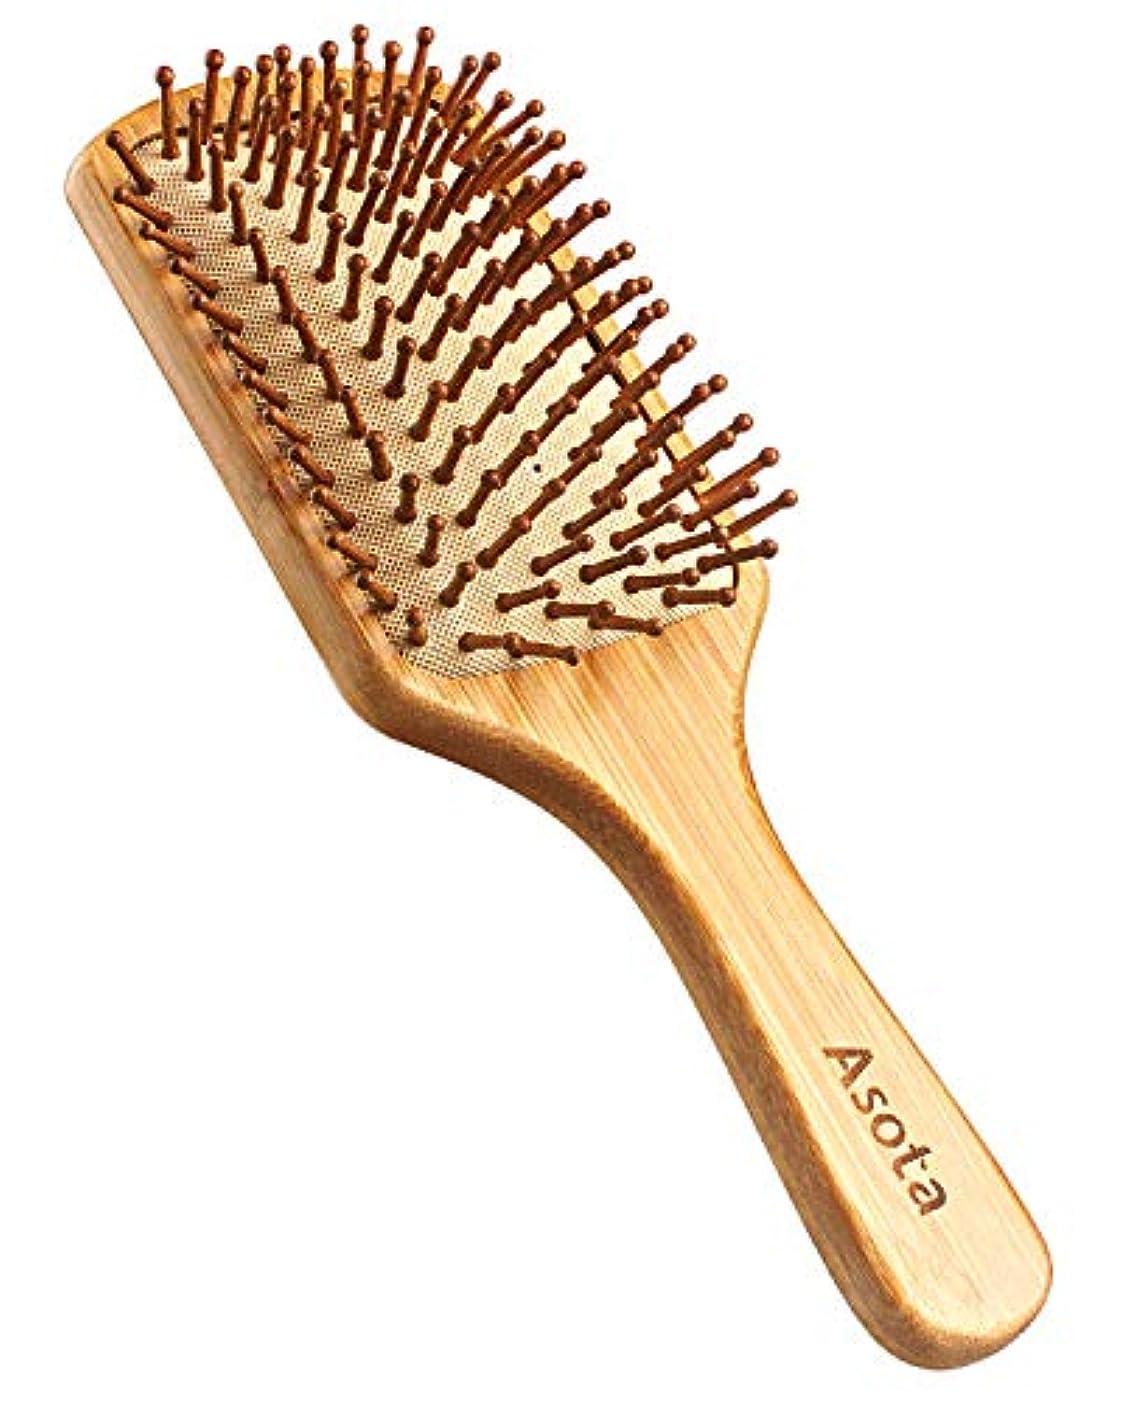 グリットレベル大きいAsota 高級木製櫛 ヘアブラシ ヘアコーム 静電気防止 頭皮マッサージ 天然 木の香り 美髪 (大)